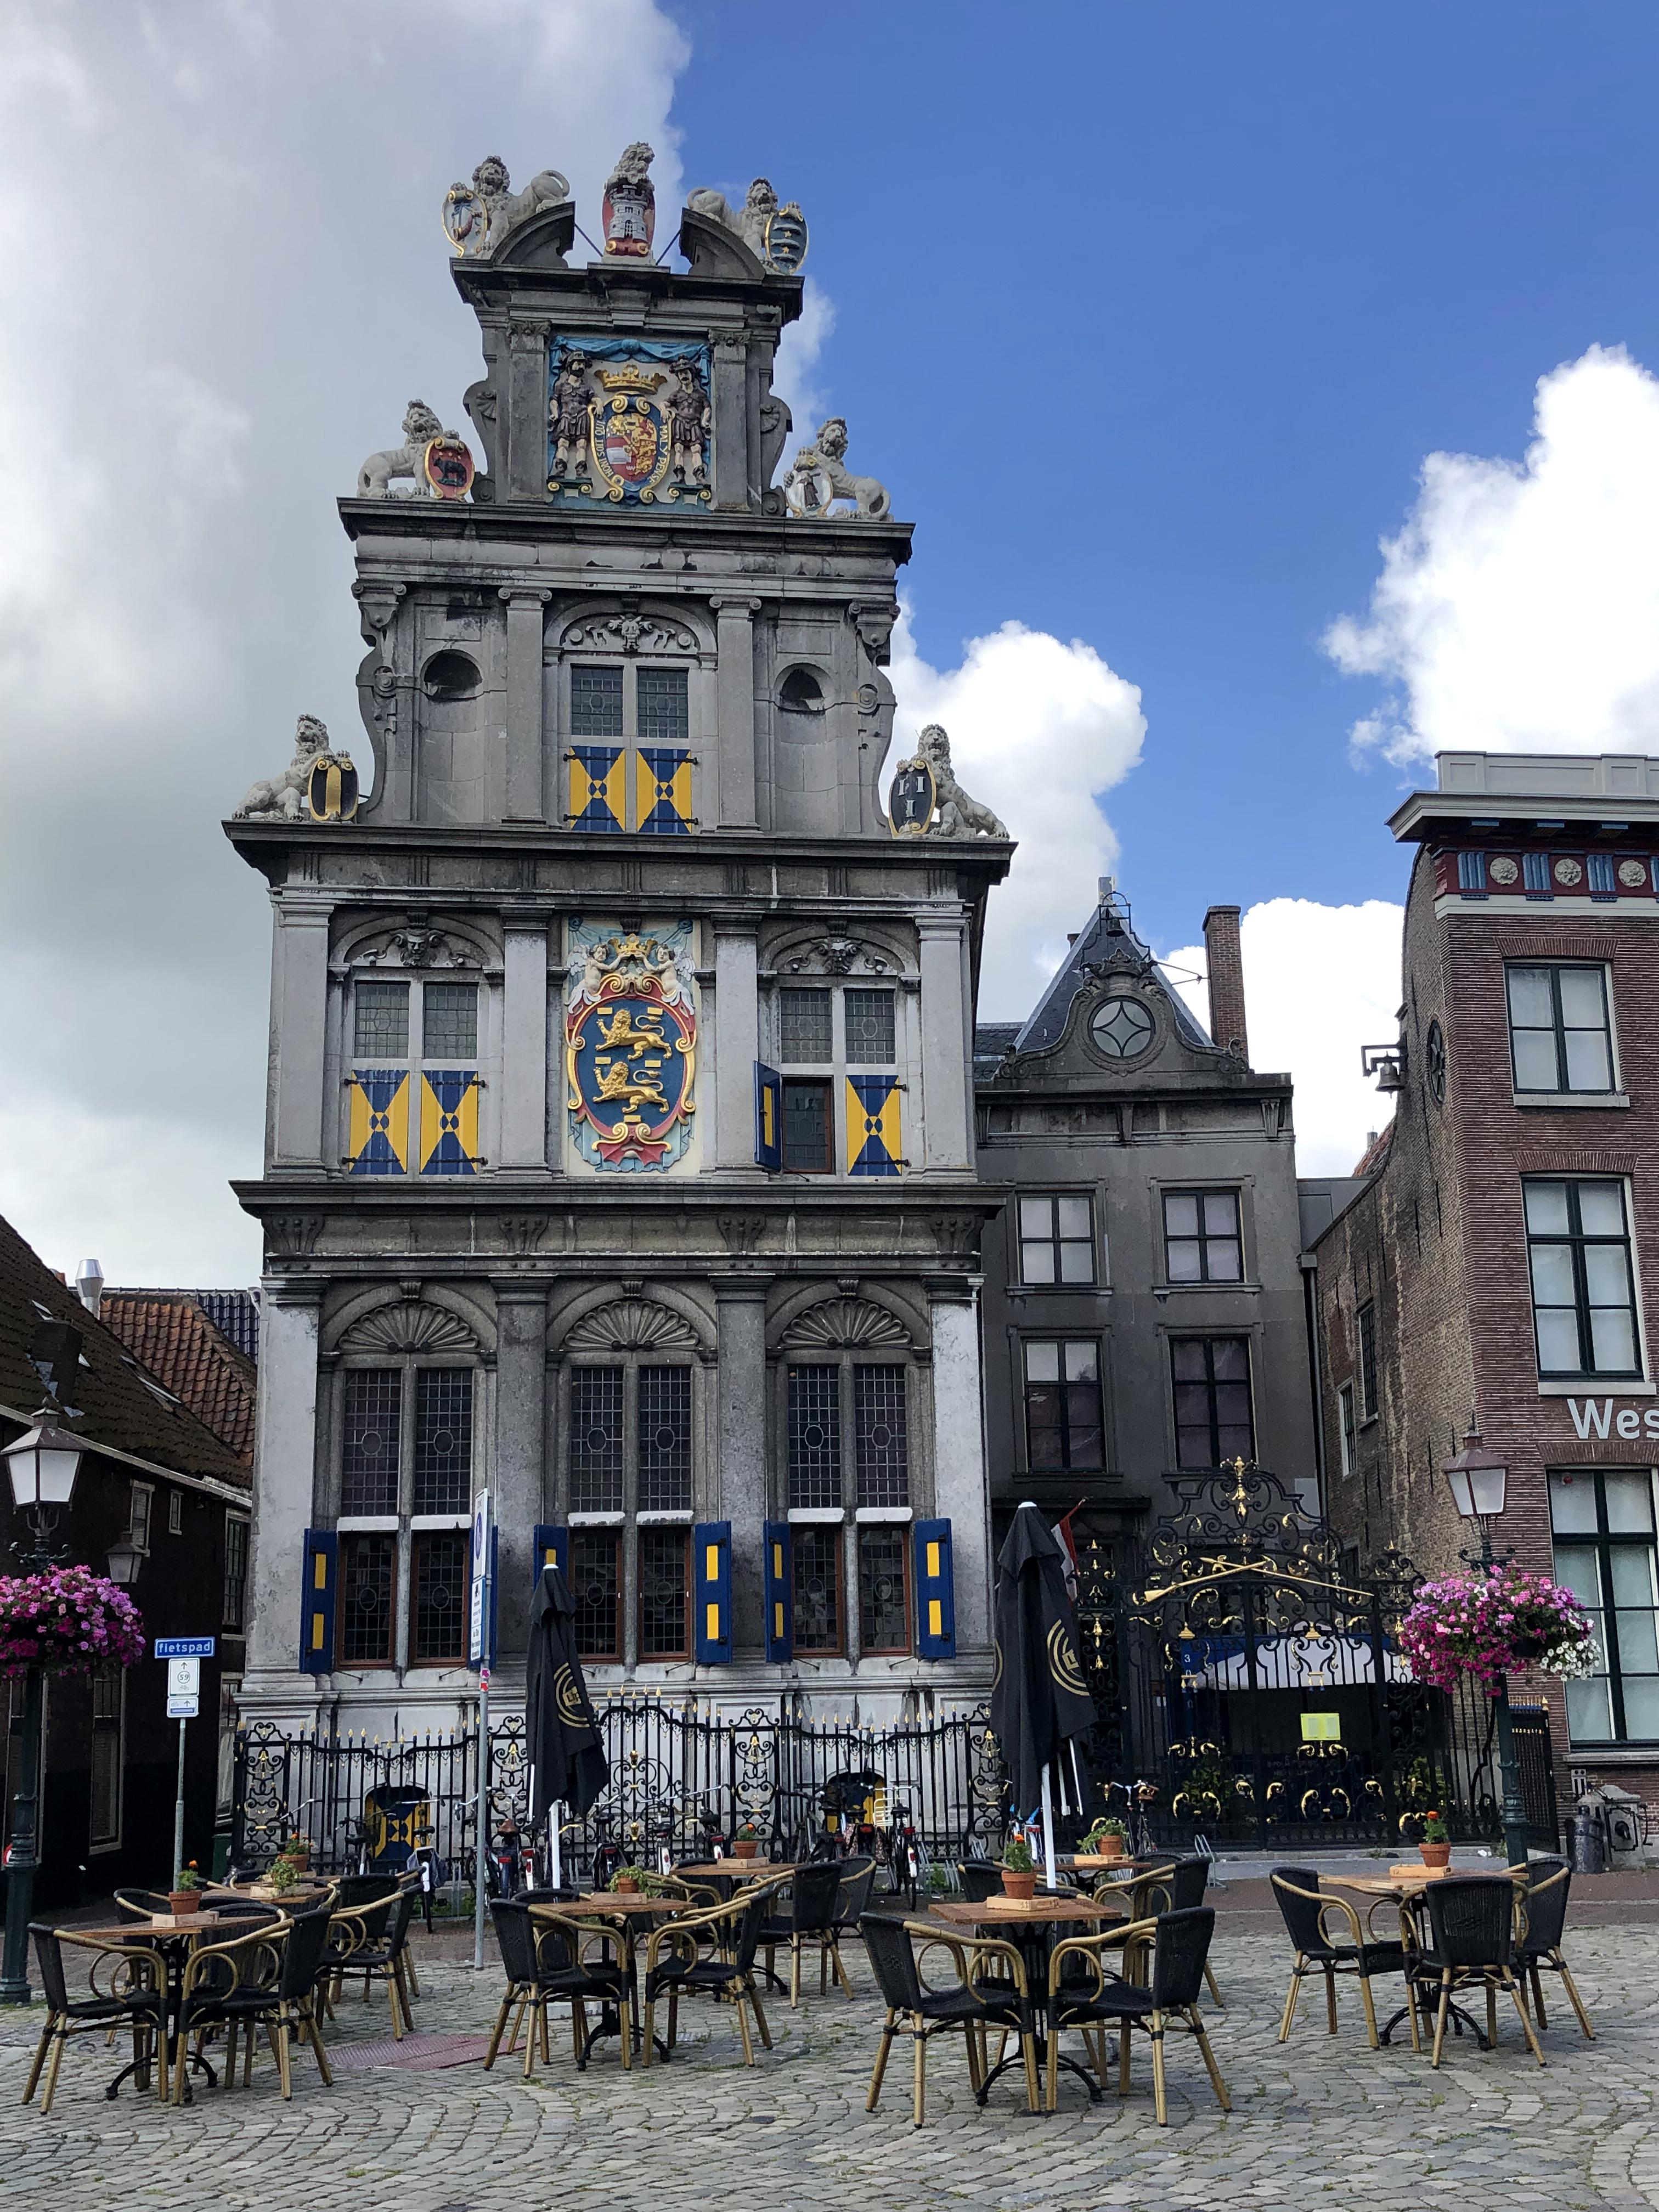 Hoorn zeigt sich auf der Entdecker- tour von seiner schönsten Seite. Die Stadt punktet mit einer ungewöhnlichen Architektur. Foto: © DHB